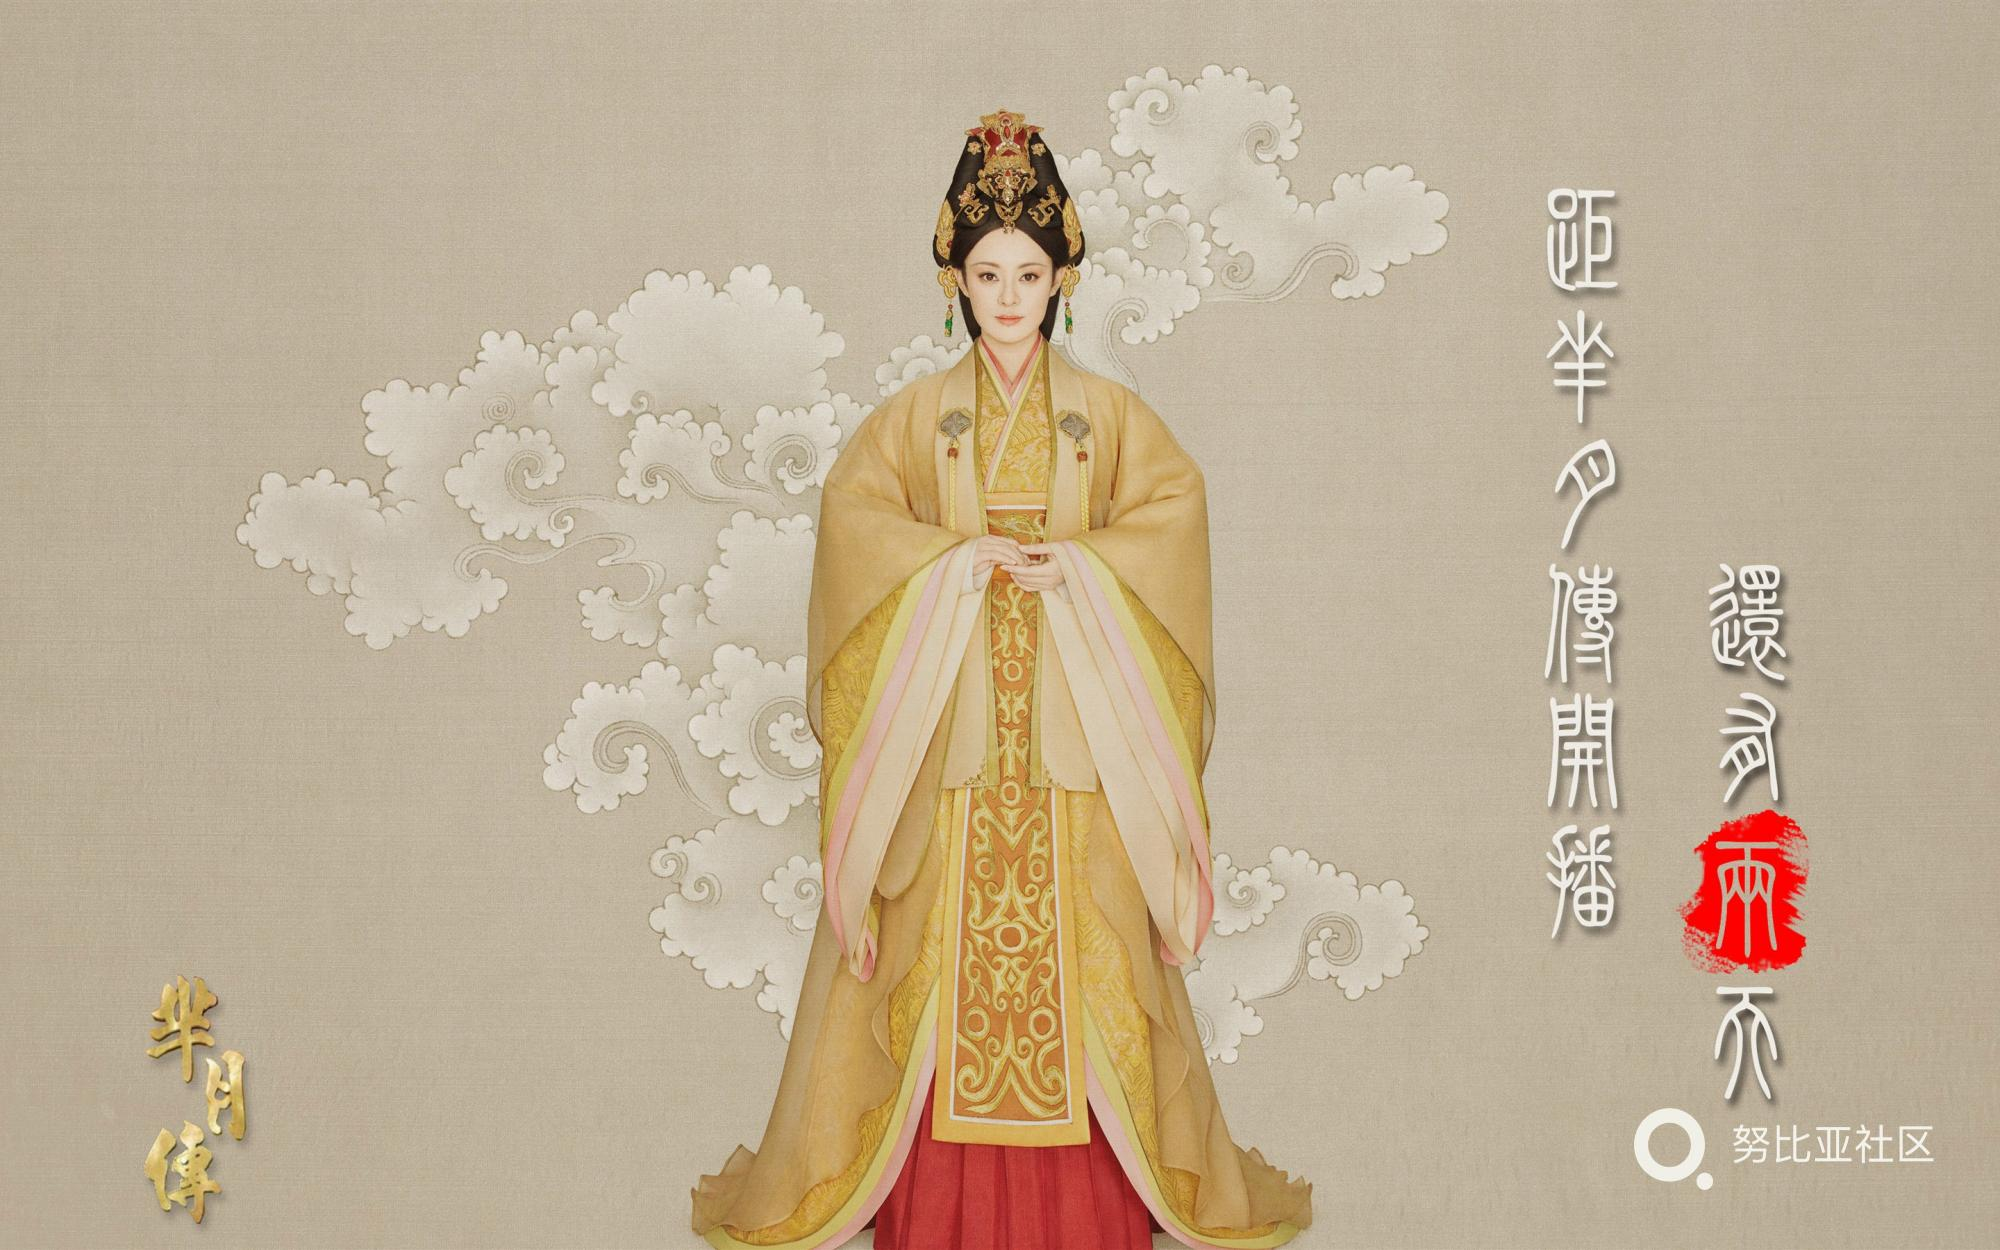 《芈月传》唯美中国风手绘宽屏壁纸